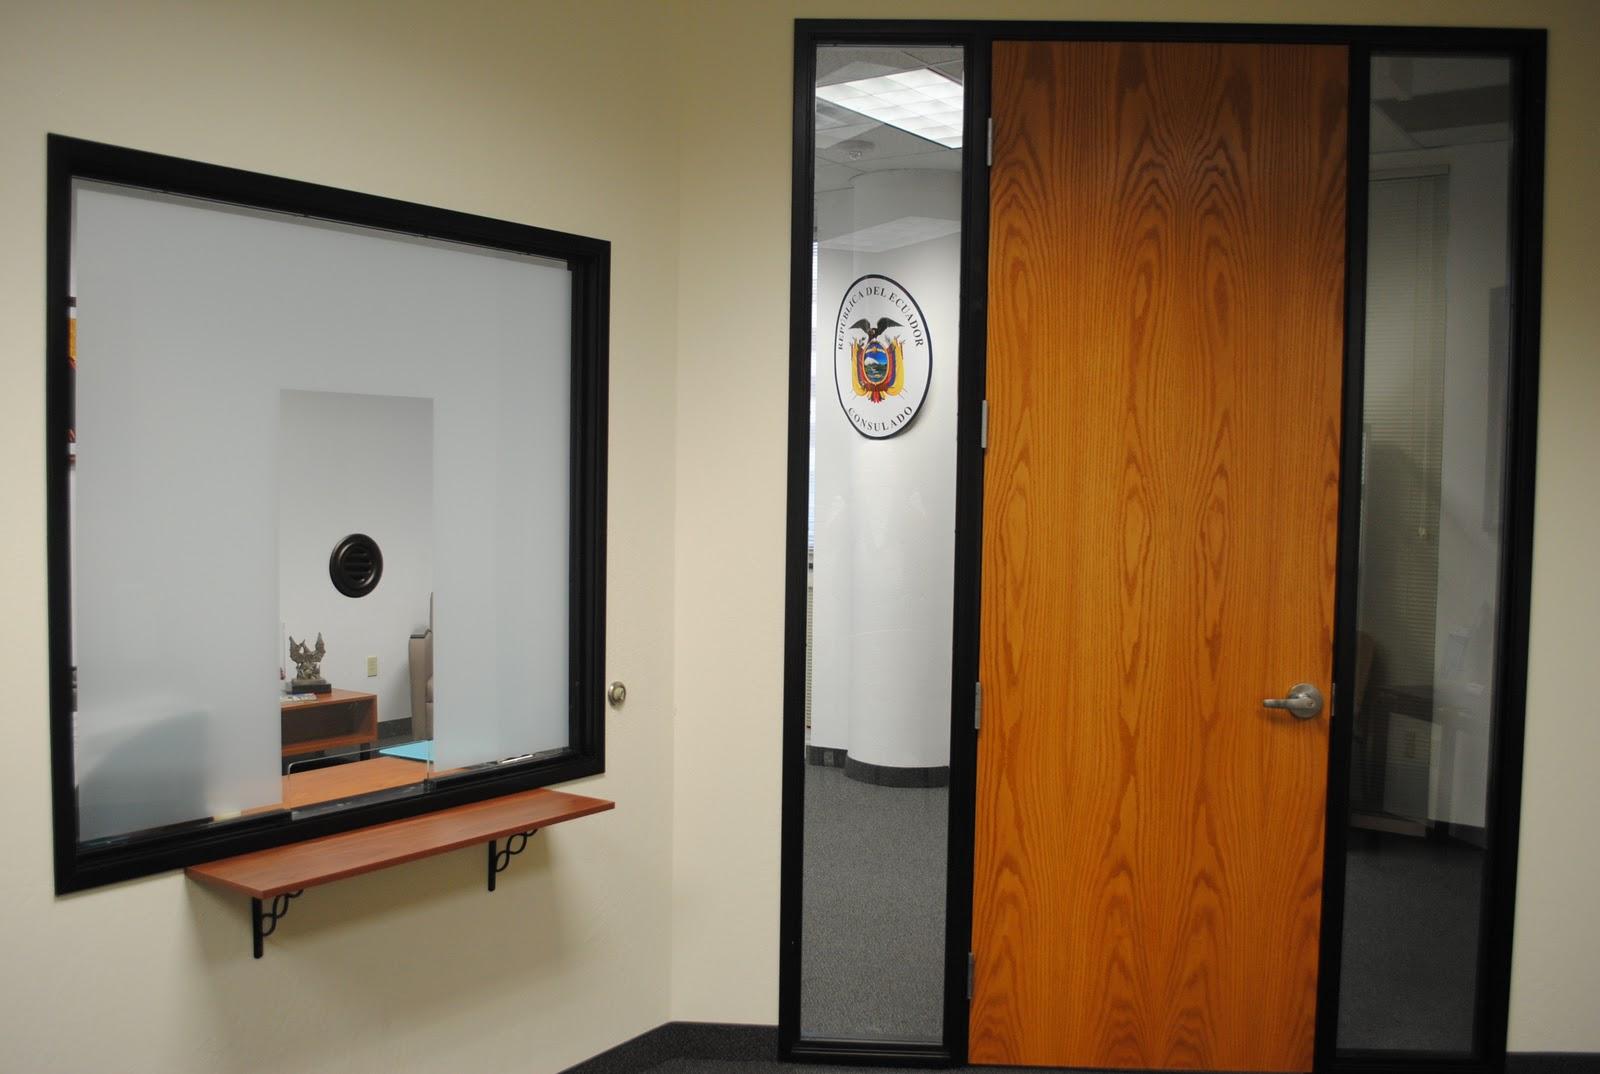 office door with window. Office Door With Side Window Pictures G